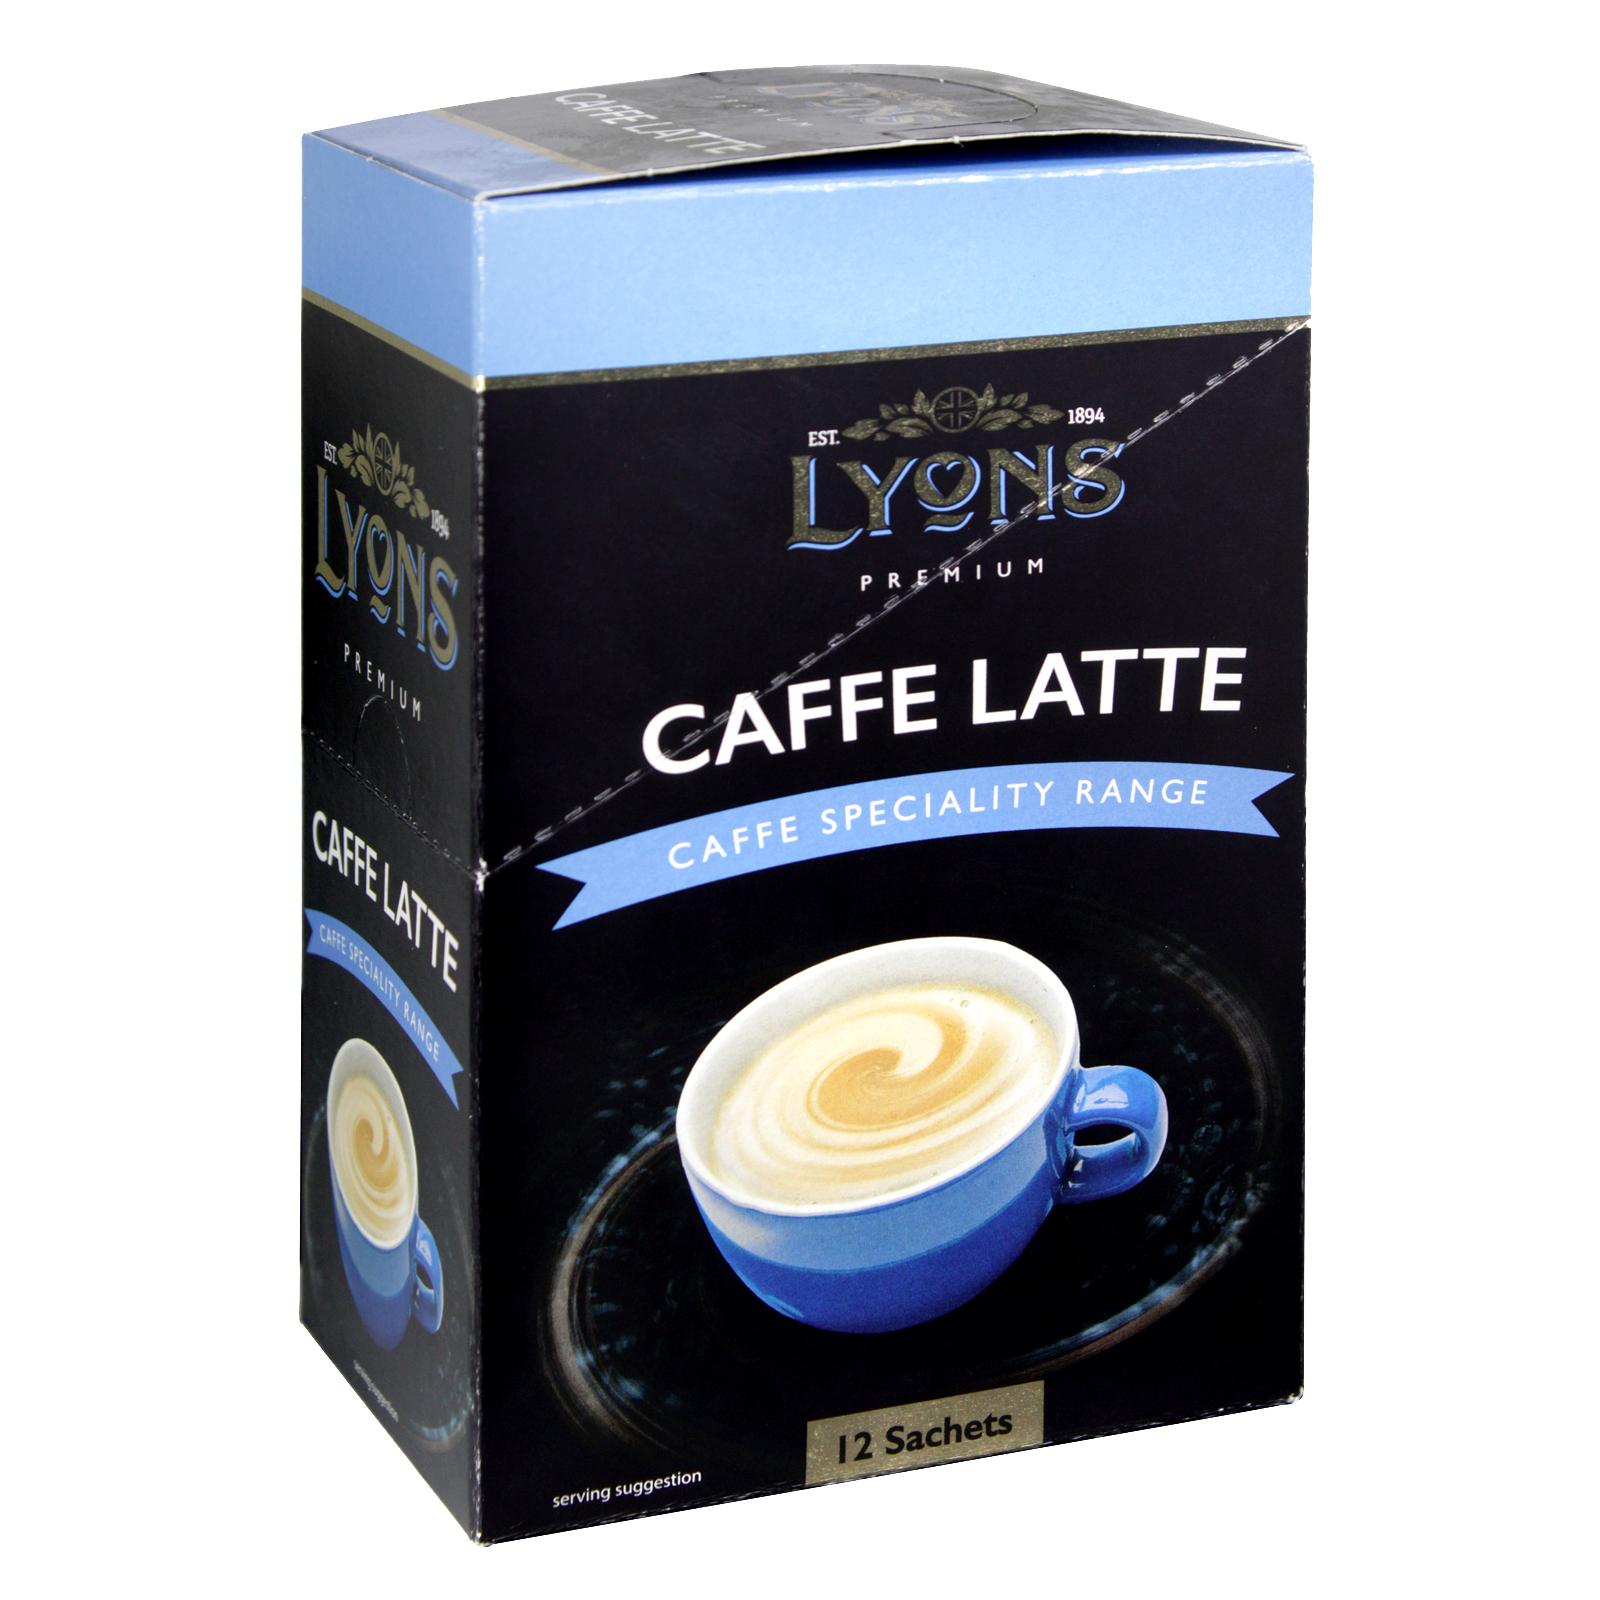 LYONS CAFFE SPECIALITY RANGE CAFFE LATTE 12 SACHETS X20